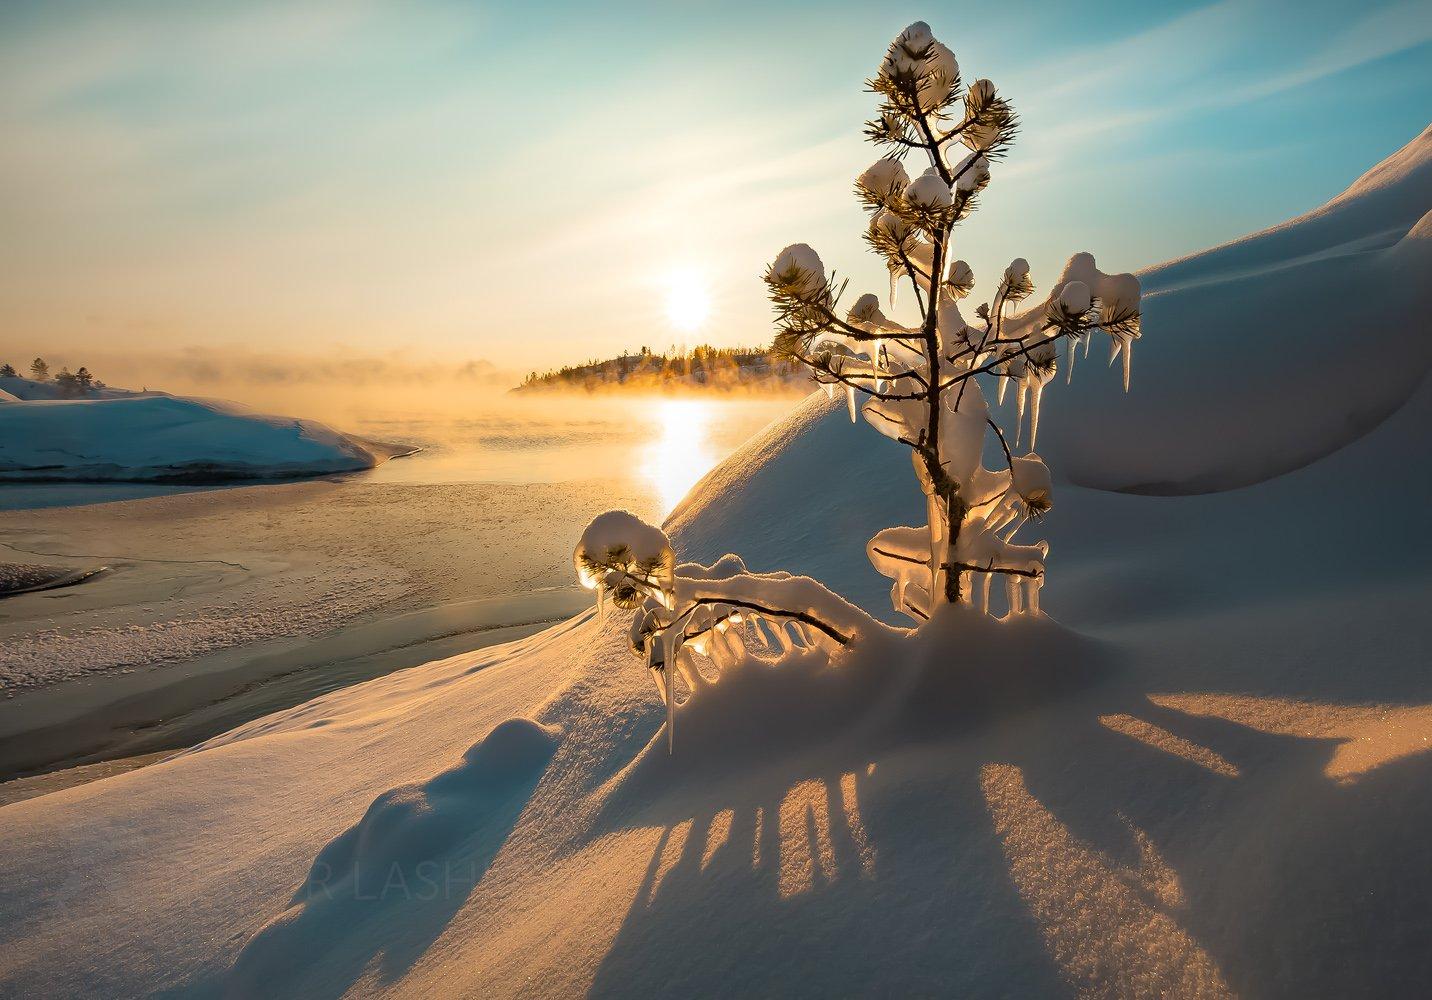 ладожское озеро, карелия, шхеры, национальный парк, зима, рассвет, солнце, наледь, вода, жёлтый, золотой, сосна, дерево, деревце, маленький, лёд, снег, туман,, Лашков Фёдор